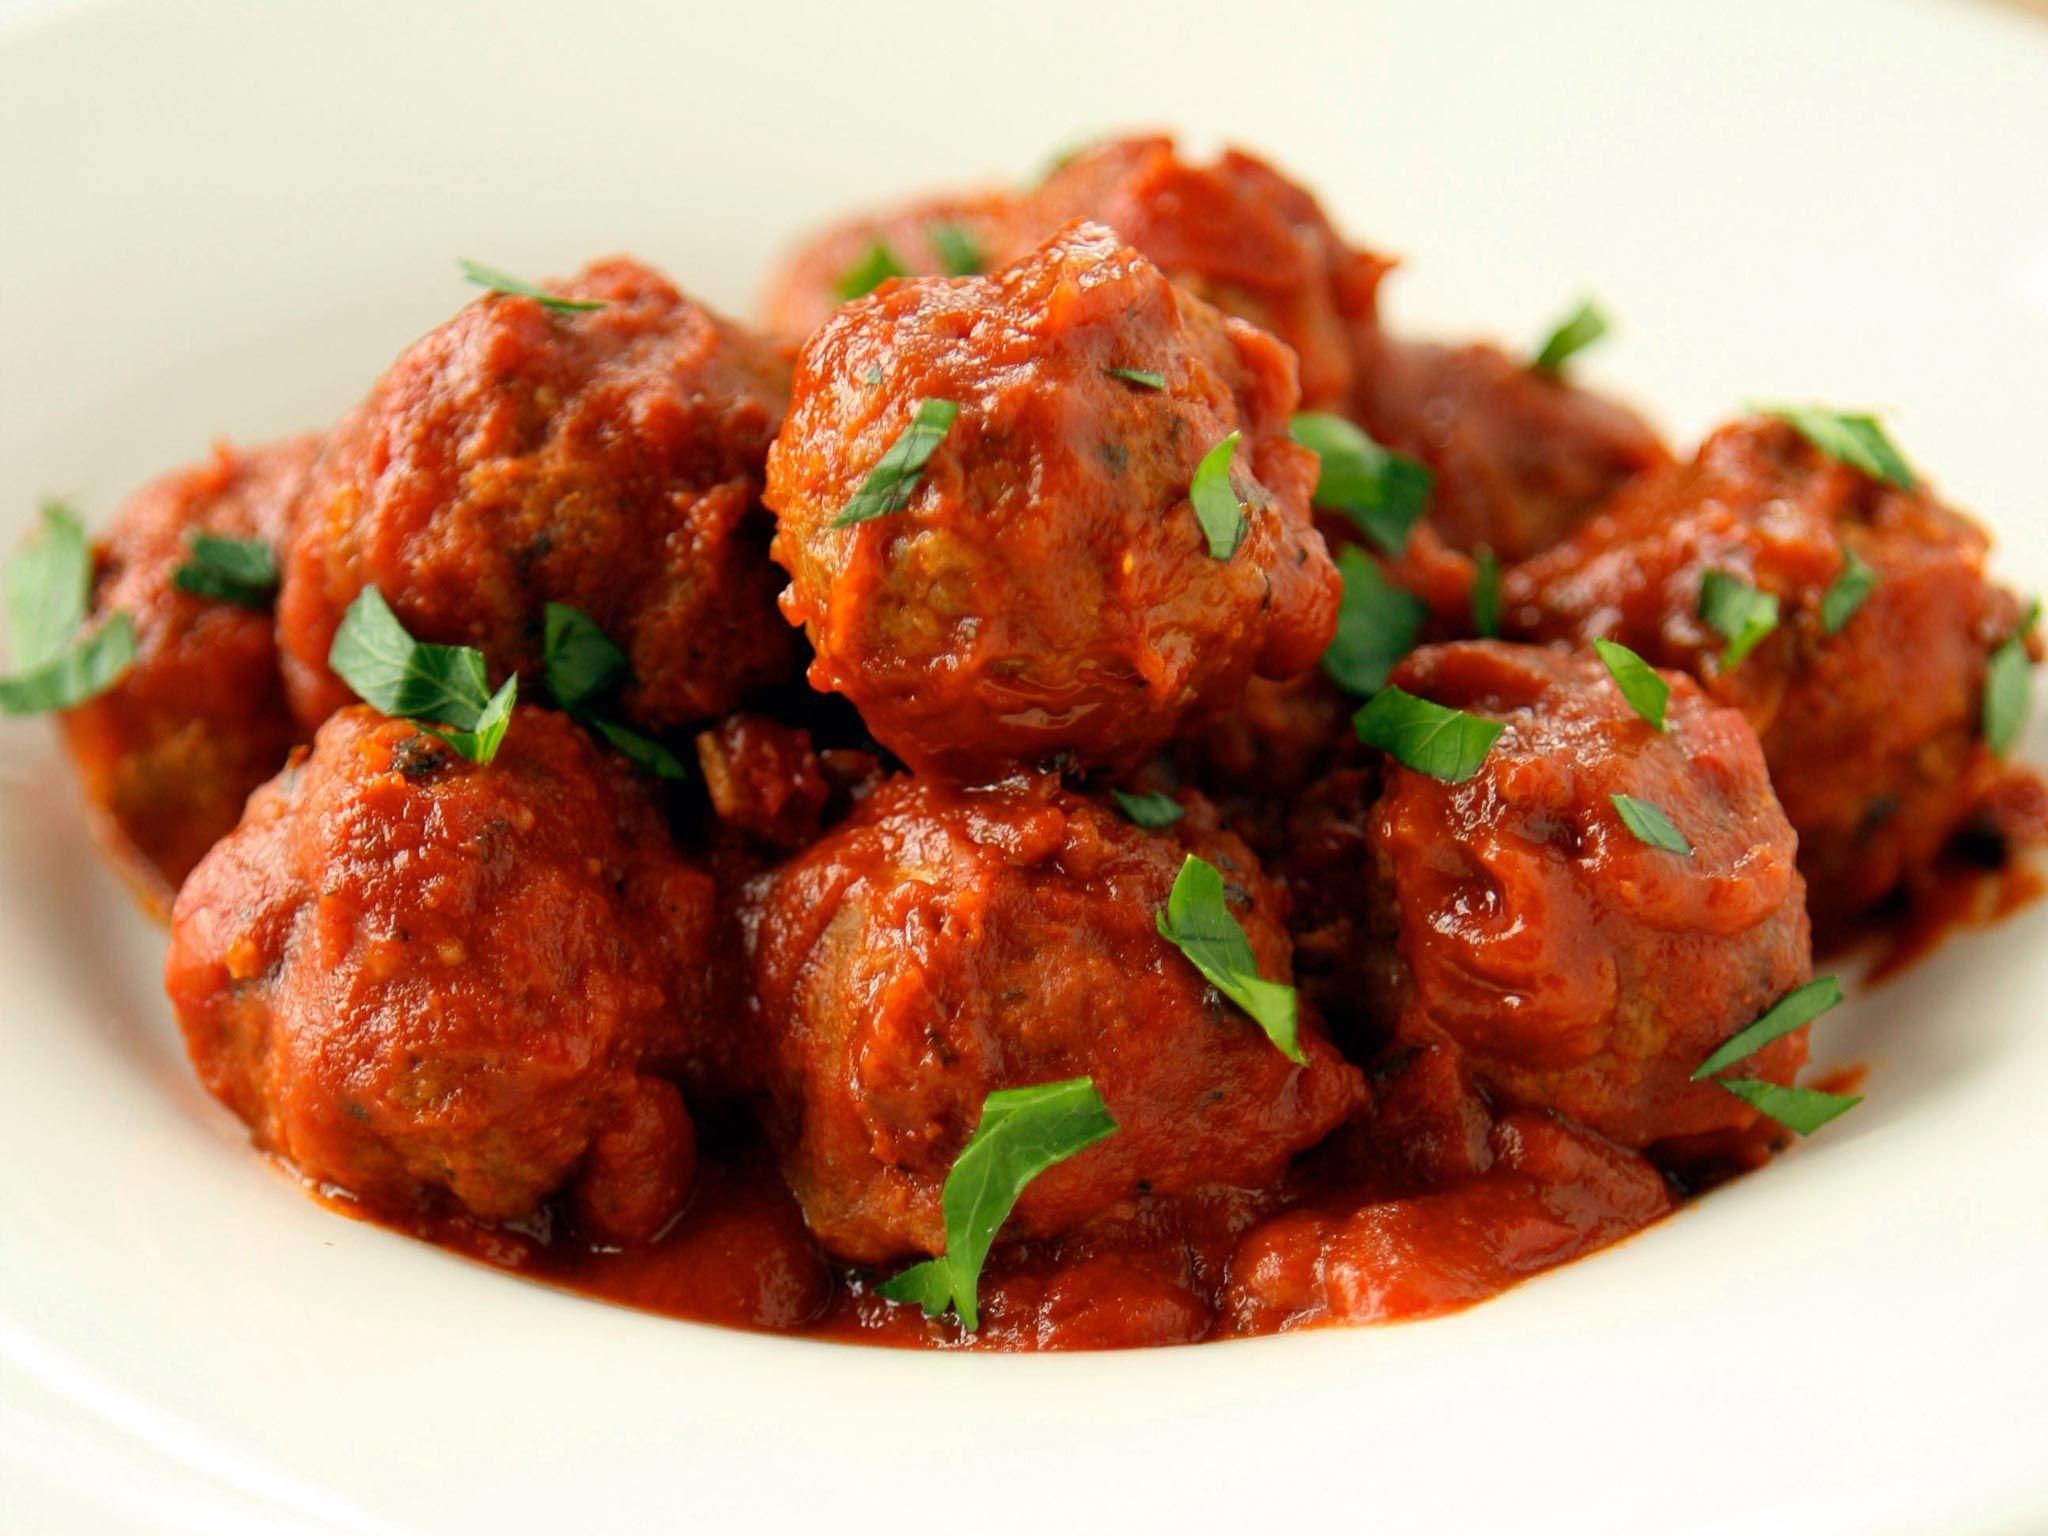 Recipe Cocktail Meatballs In Tomato Sauce Recipe In 2020 Pasta Dishes Recipes Tomato Sauce